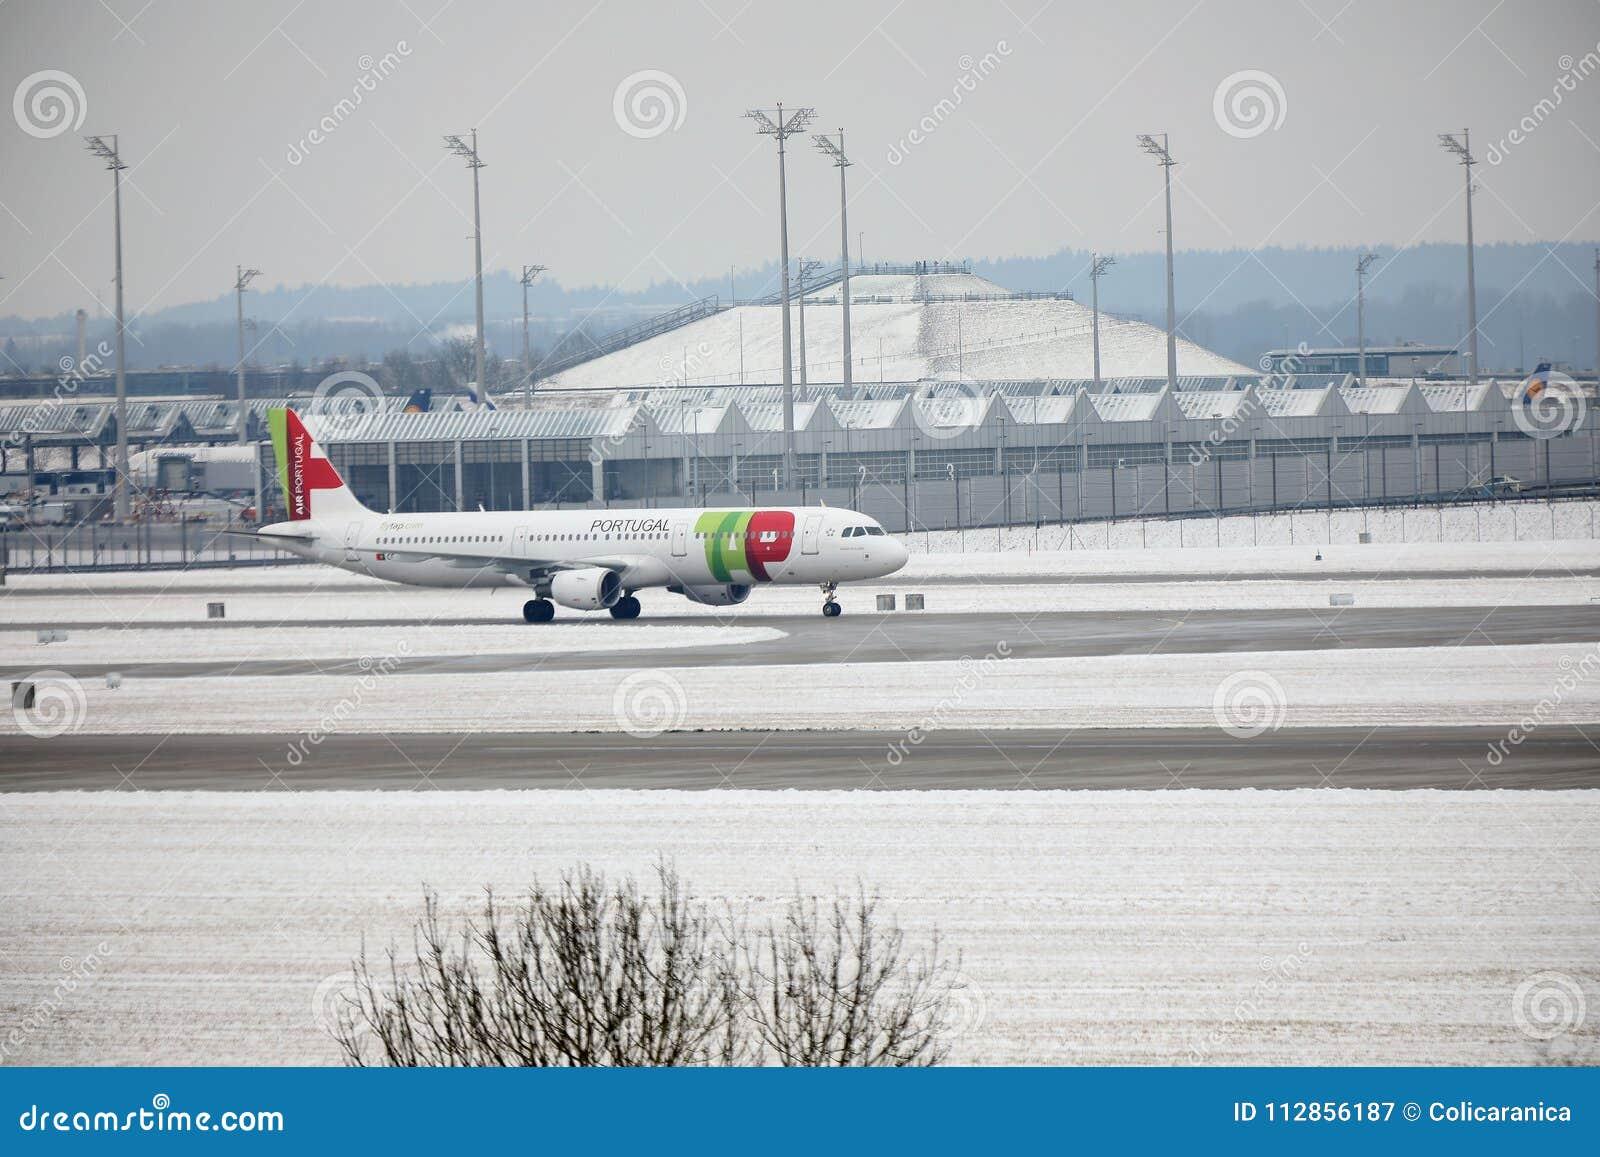 BATA o plano de Air Portugal na pista de decolagem no aeroporto de Munich, Alemanha, tempo de inverno com neve